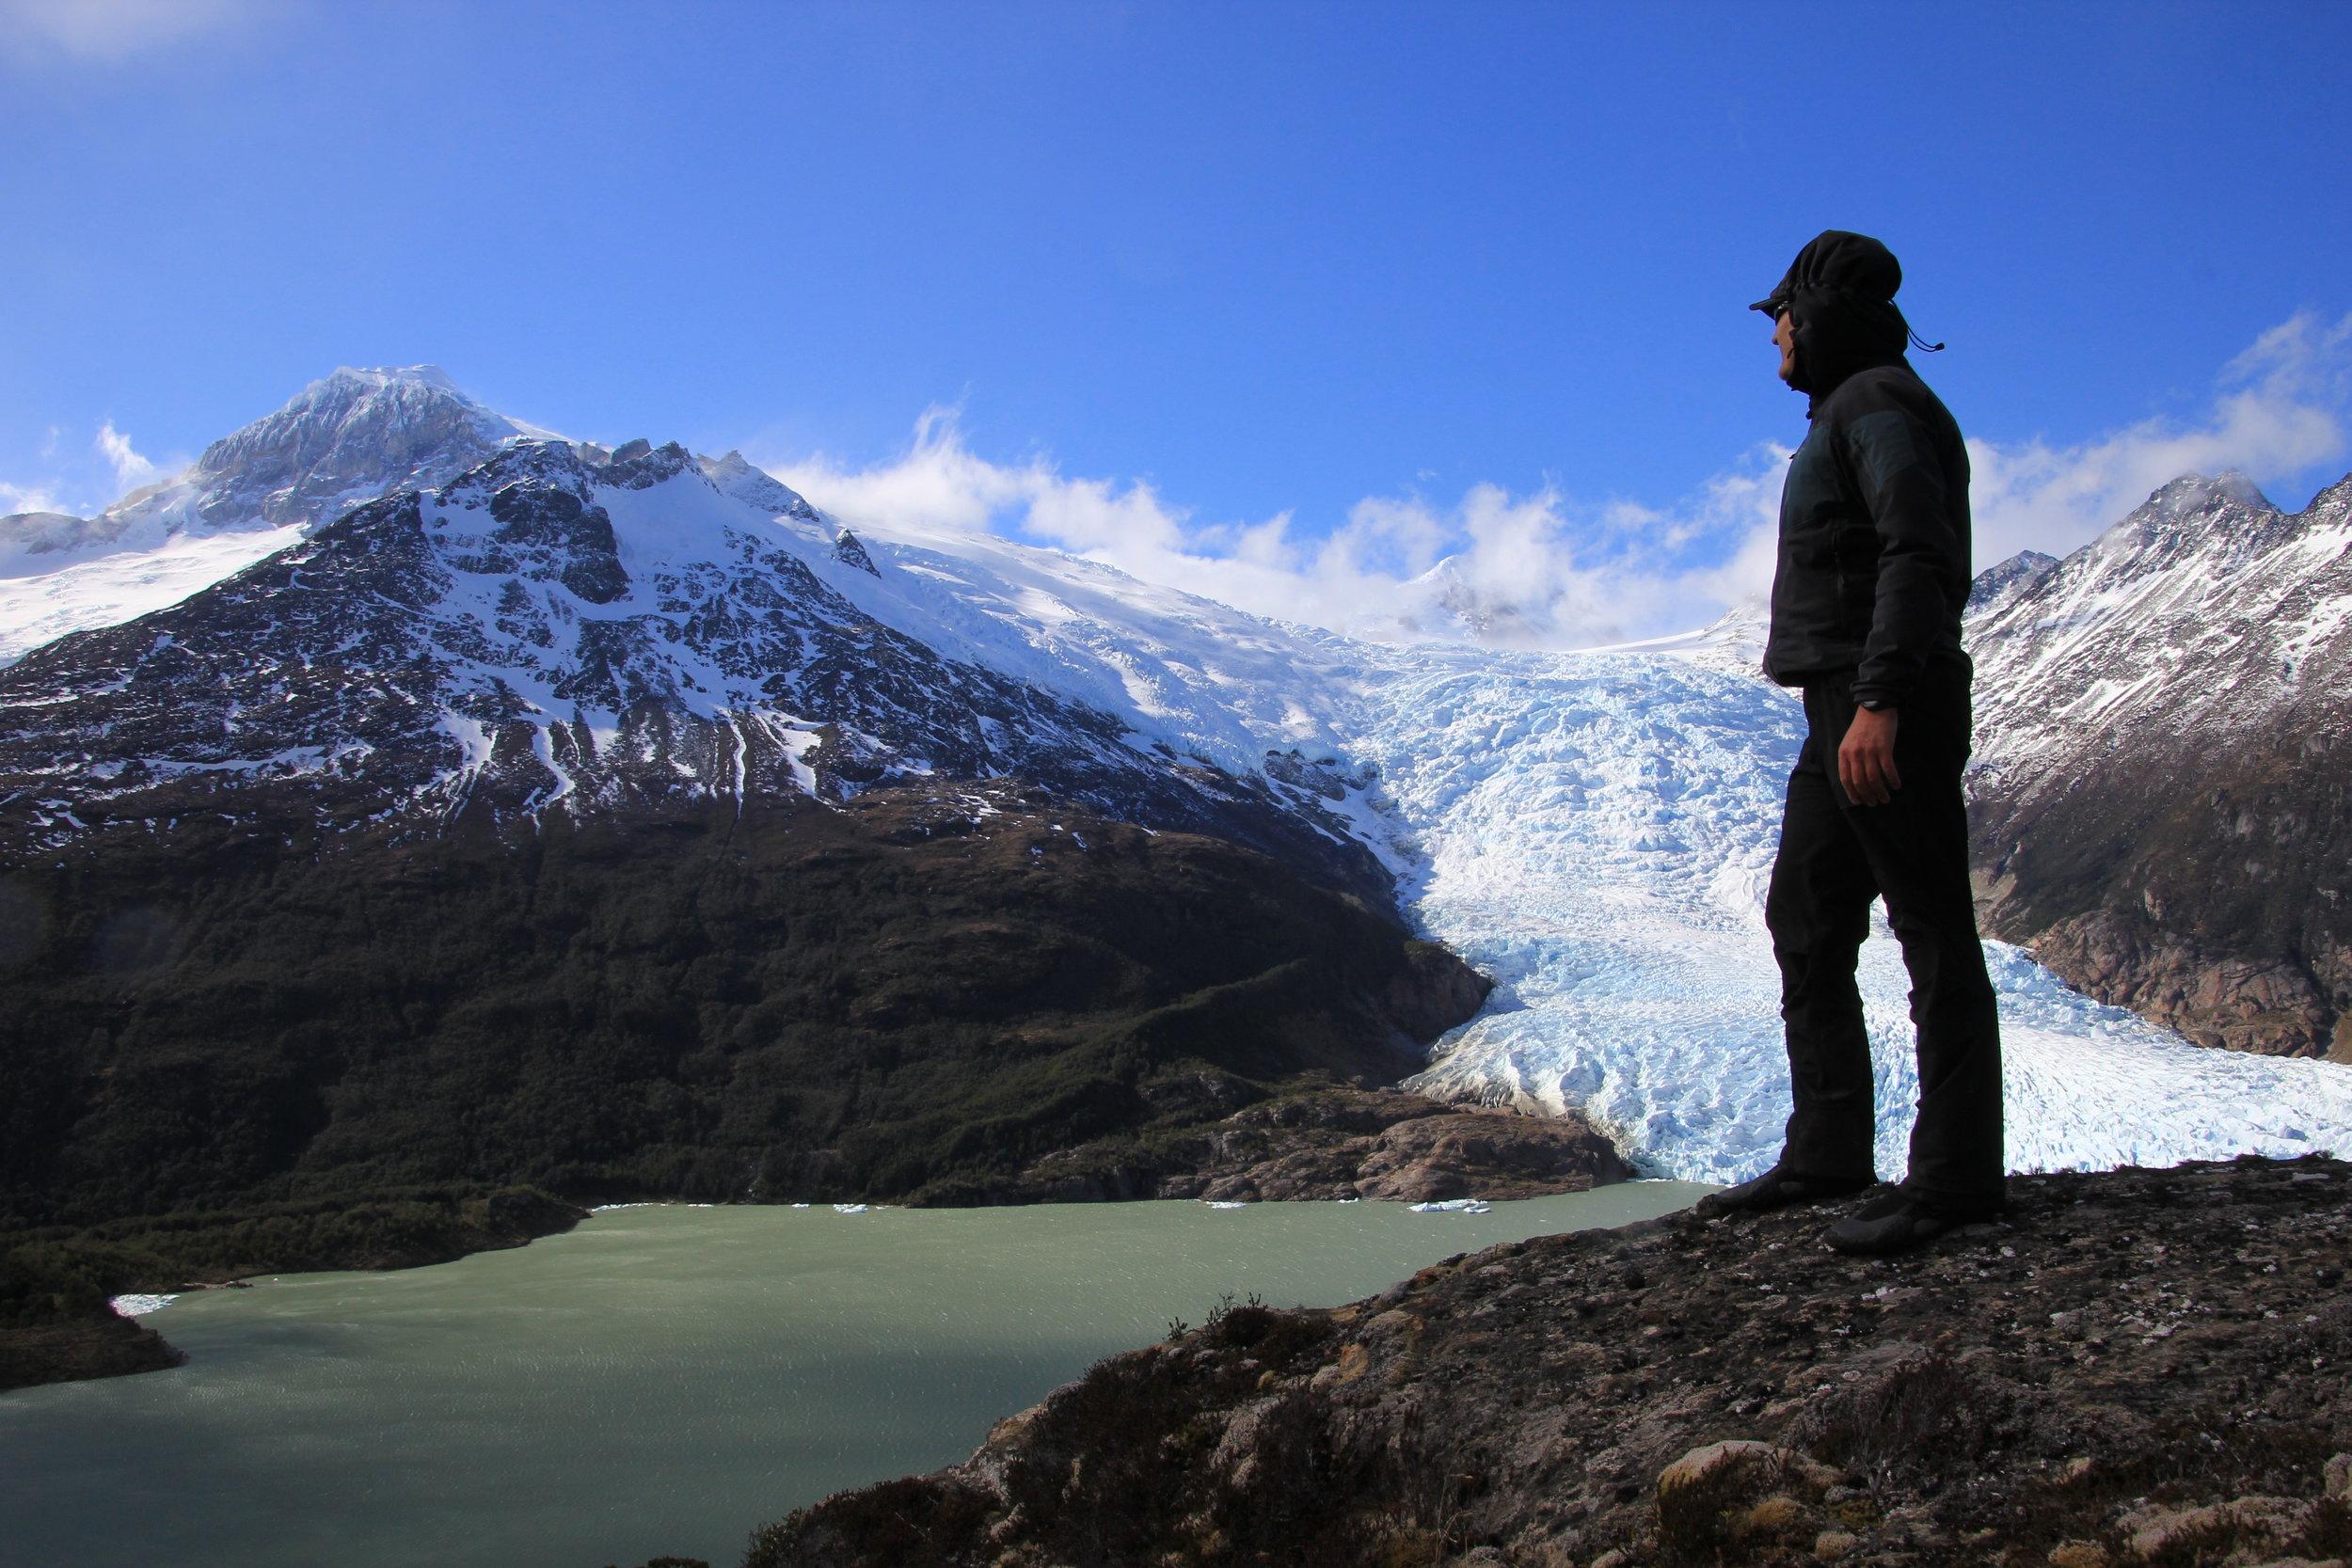 In the Darwin Range of Tierra del Fuego